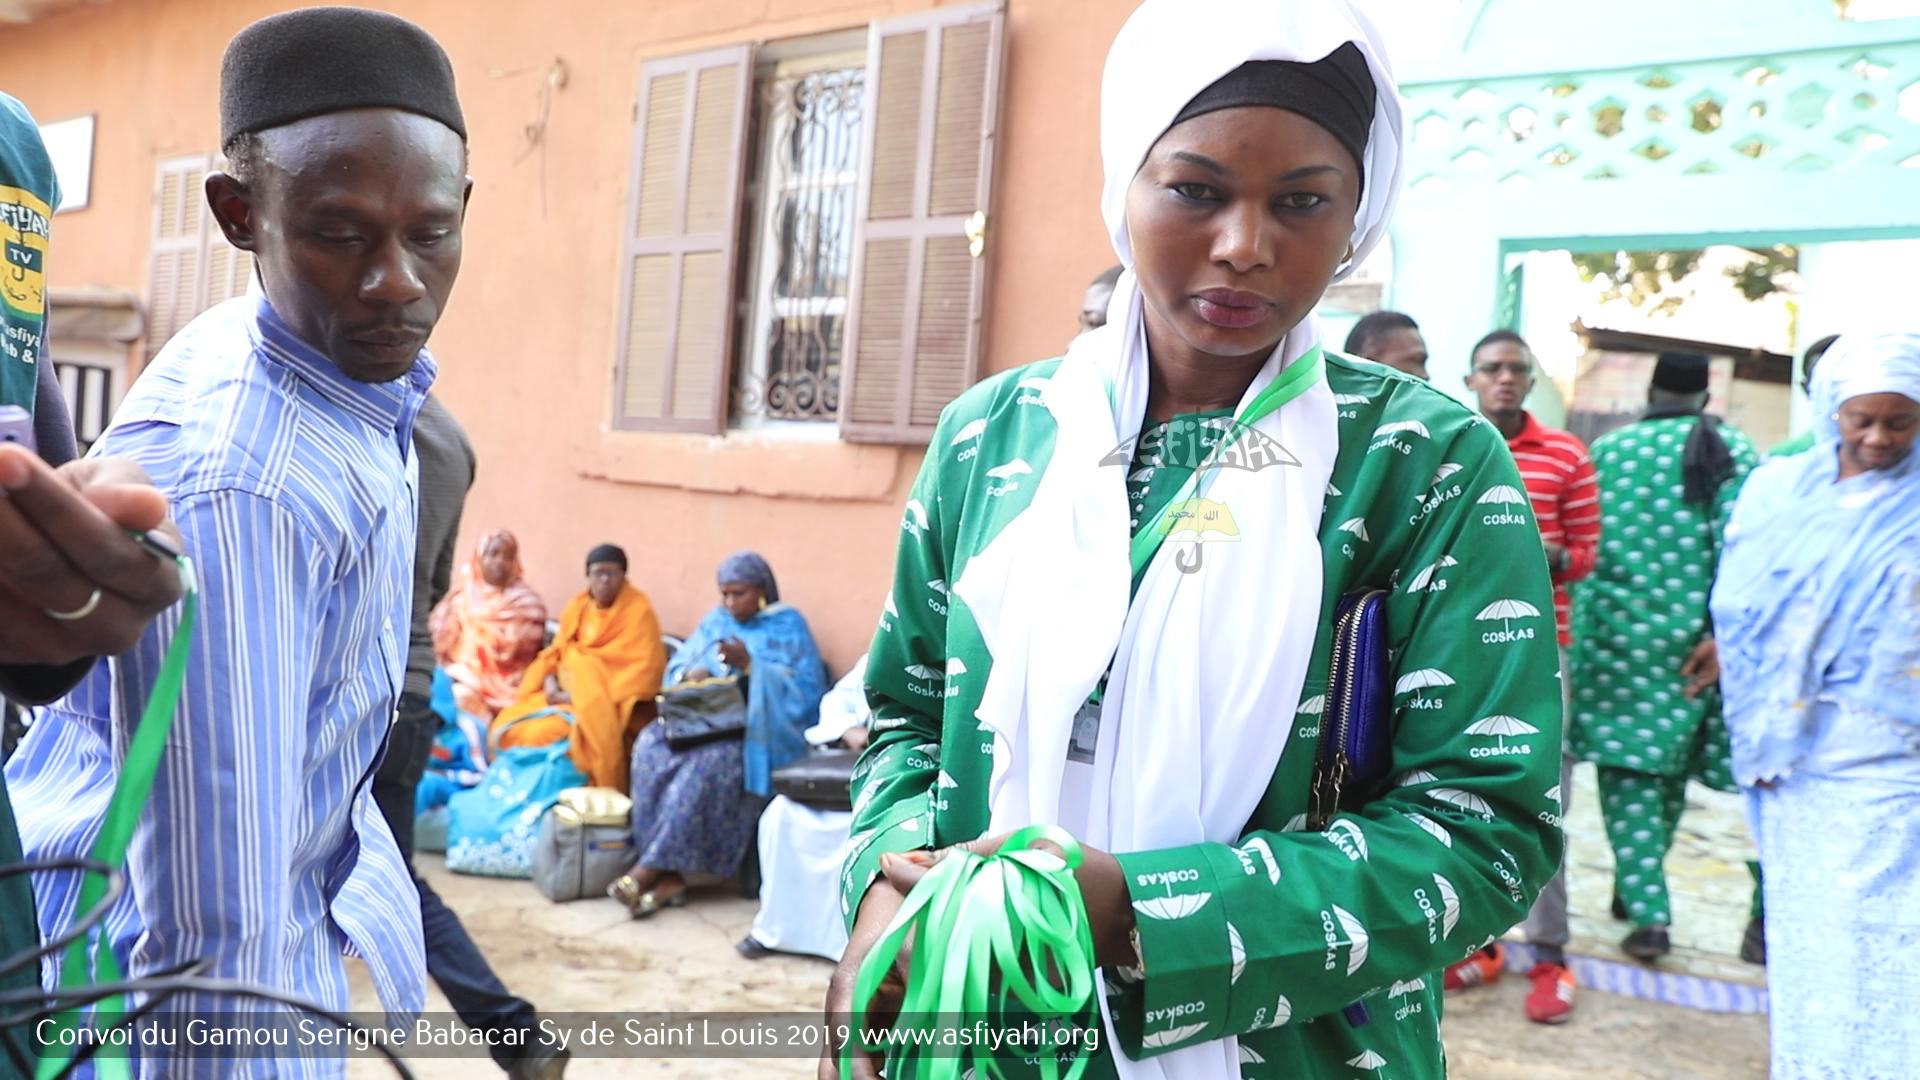 PHOTOS - NDAR 2019 - Les Images du Convoi du Gamou Serigne Babacar Sy de Saint Louis